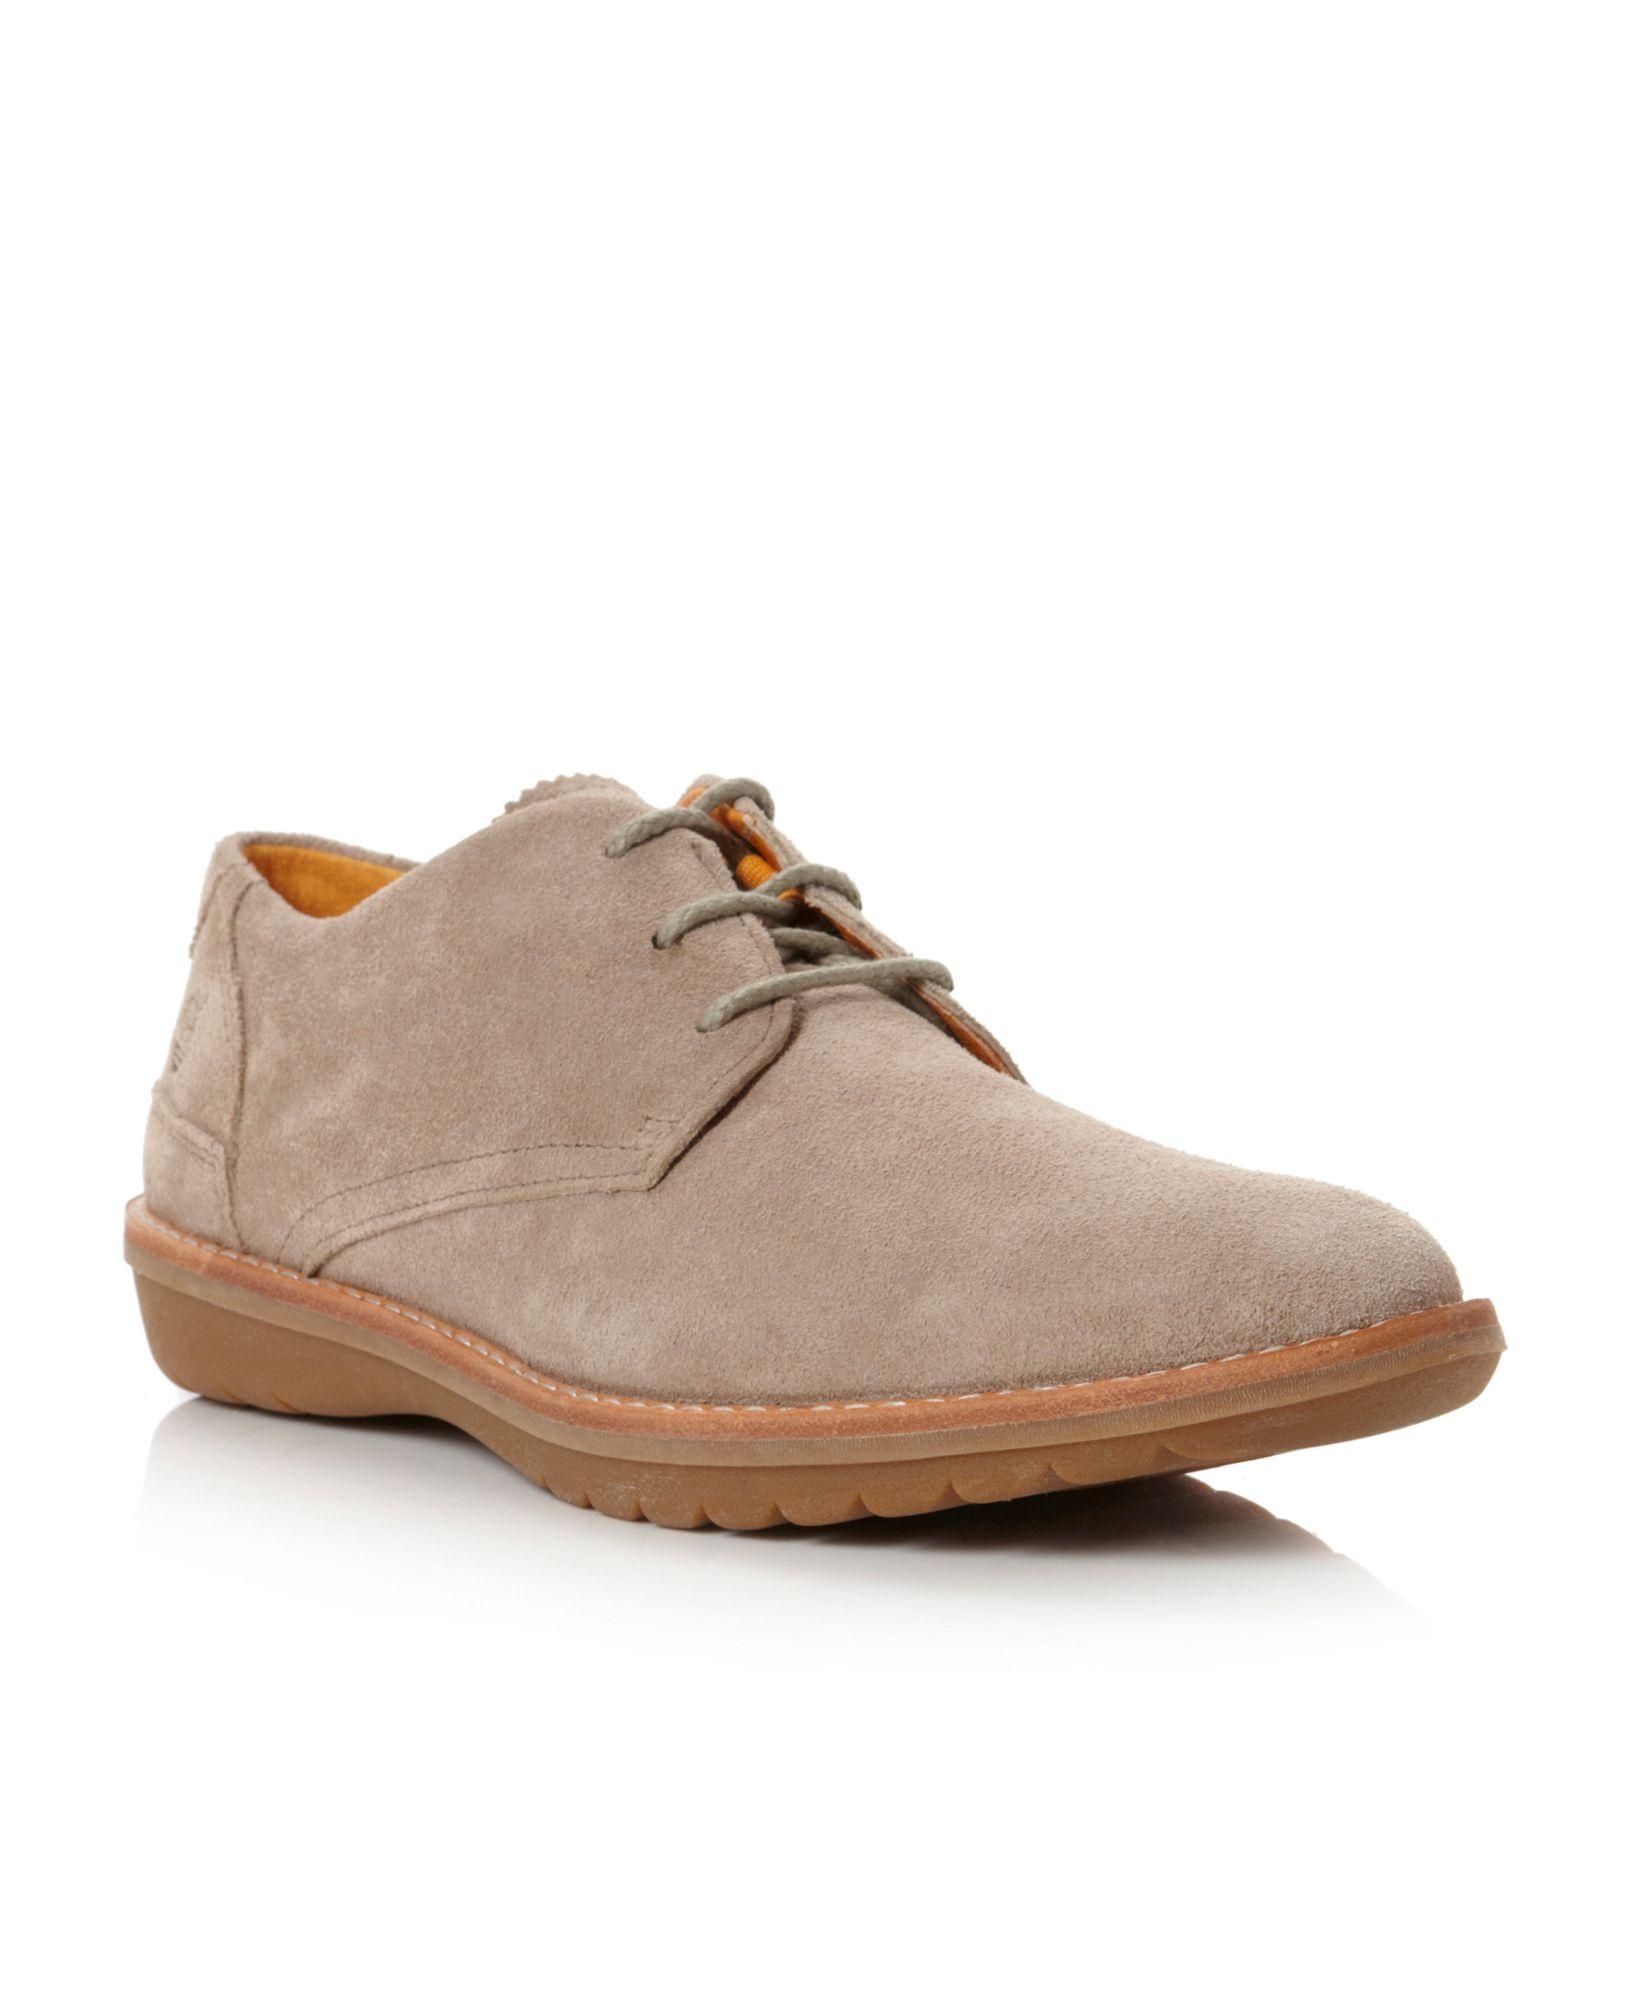 timberland suede desert shoes in beige for men grey lyst. Black Bedroom Furniture Sets. Home Design Ideas